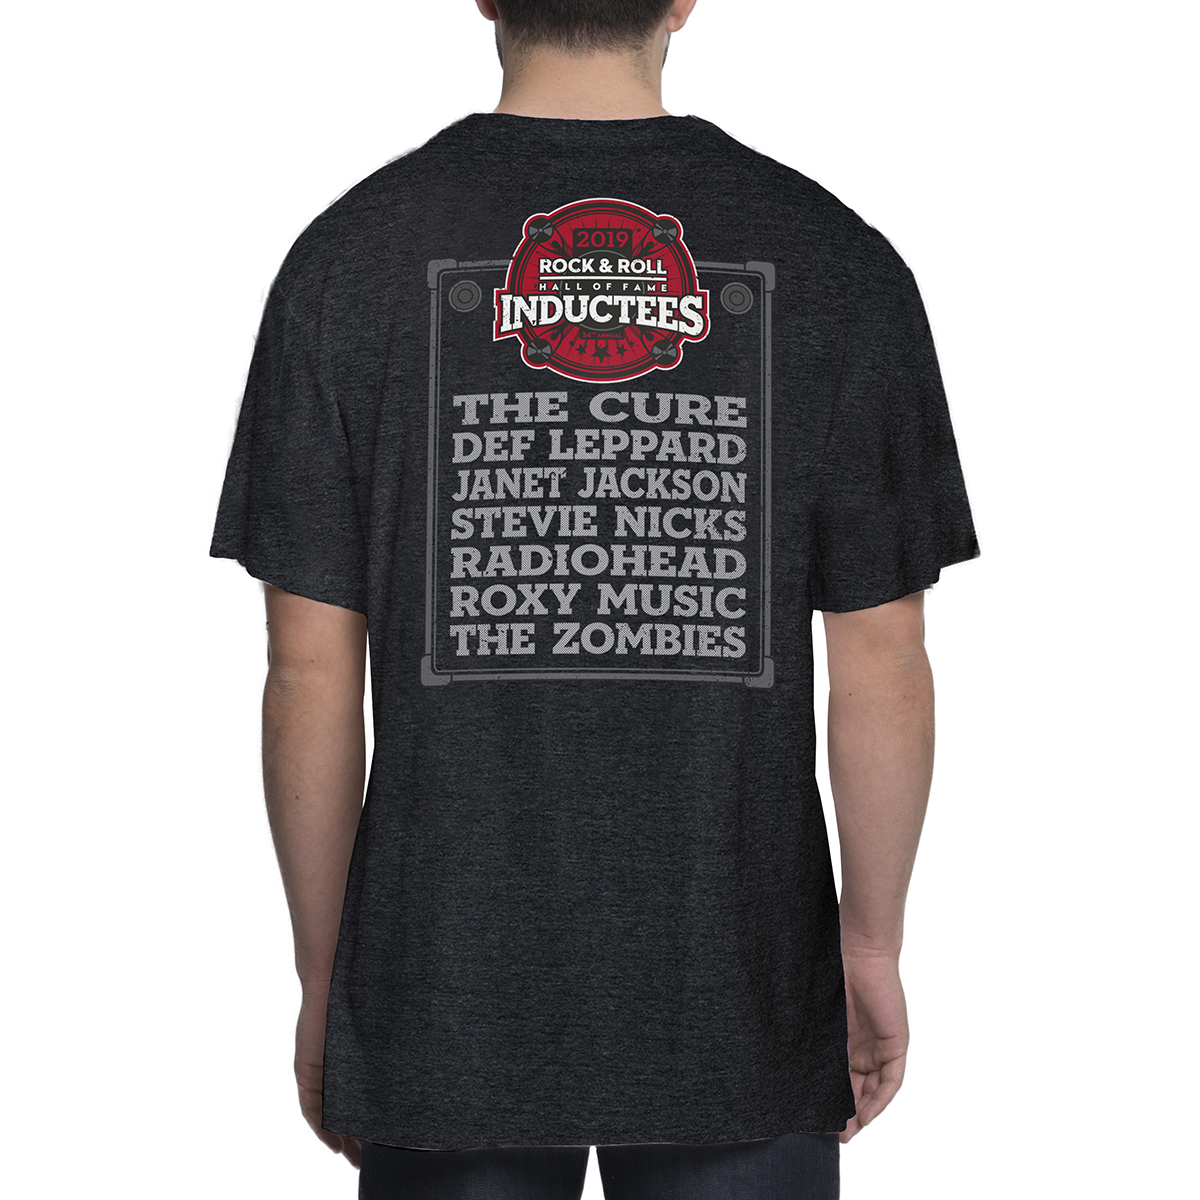 2019 Inductee Class T-Shirt